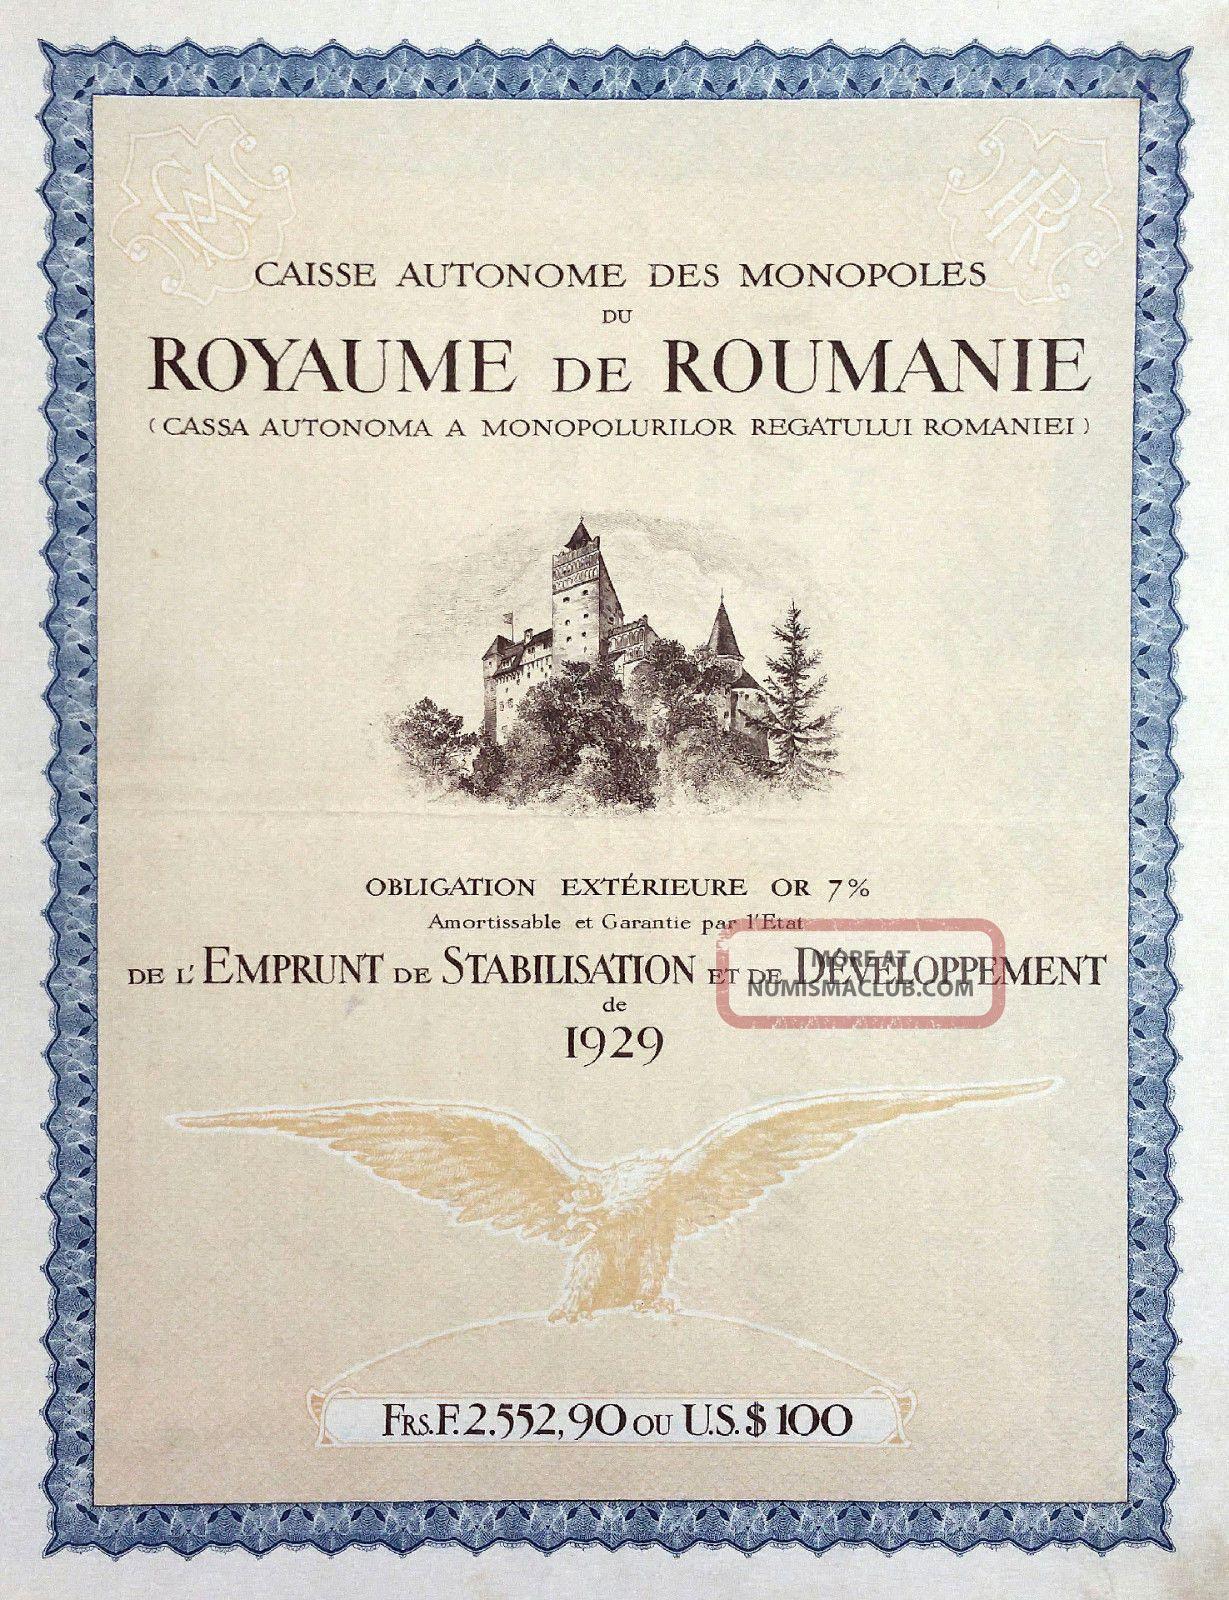 Romania 1929 - Caisse Des Monopoles Du Royaume De Roumanie Gold Bond 7 Stocks & Bonds, Scripophily photo